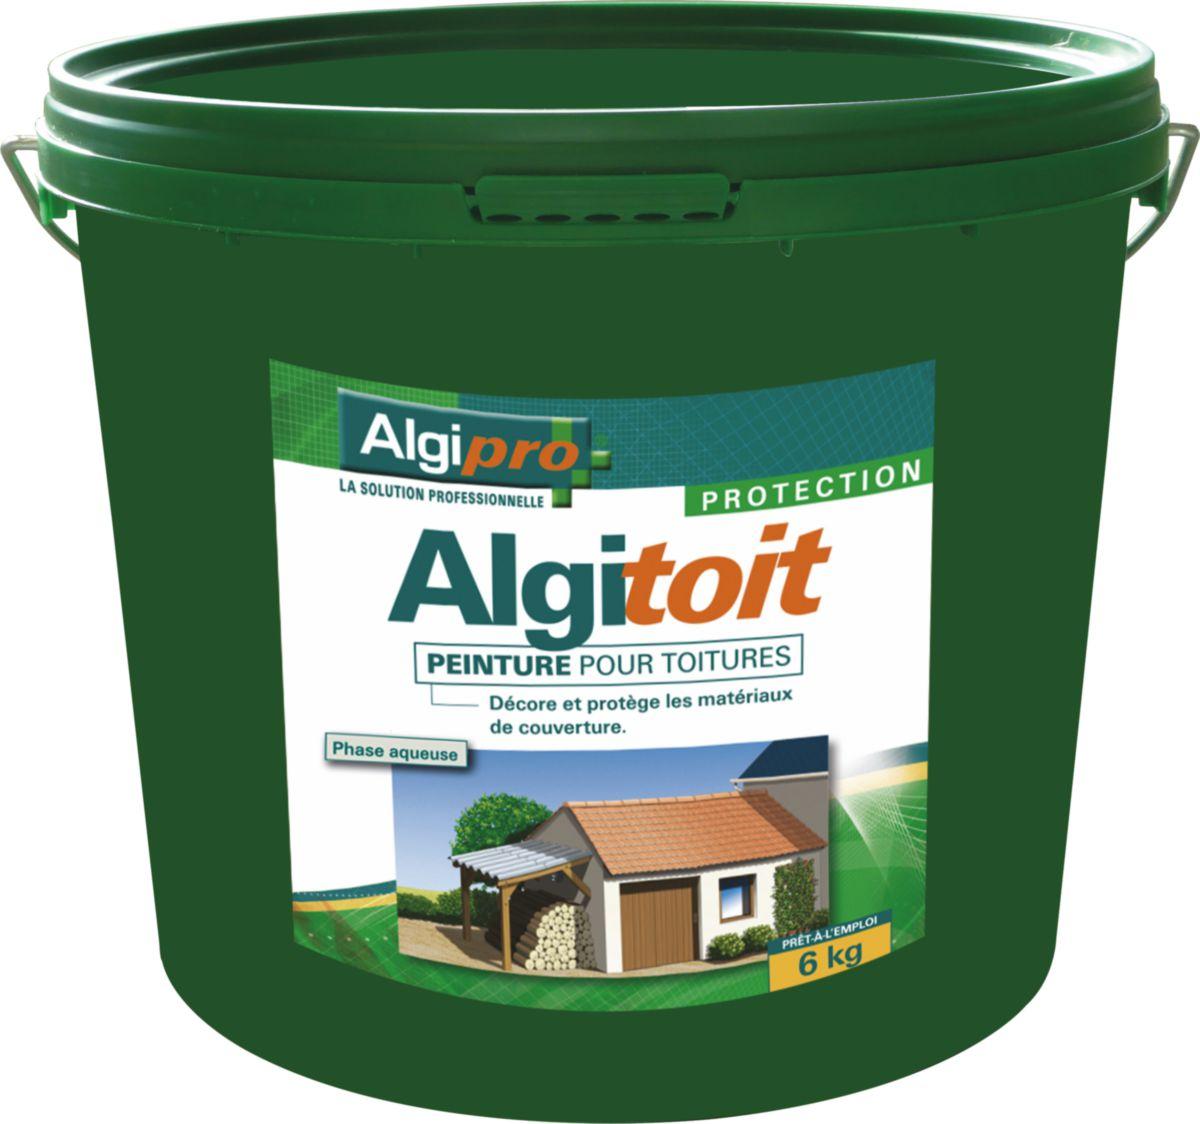 ALGIMOUSS - Peinture toiture Algitoit noir ardoise seau de 6kg   Asturienne